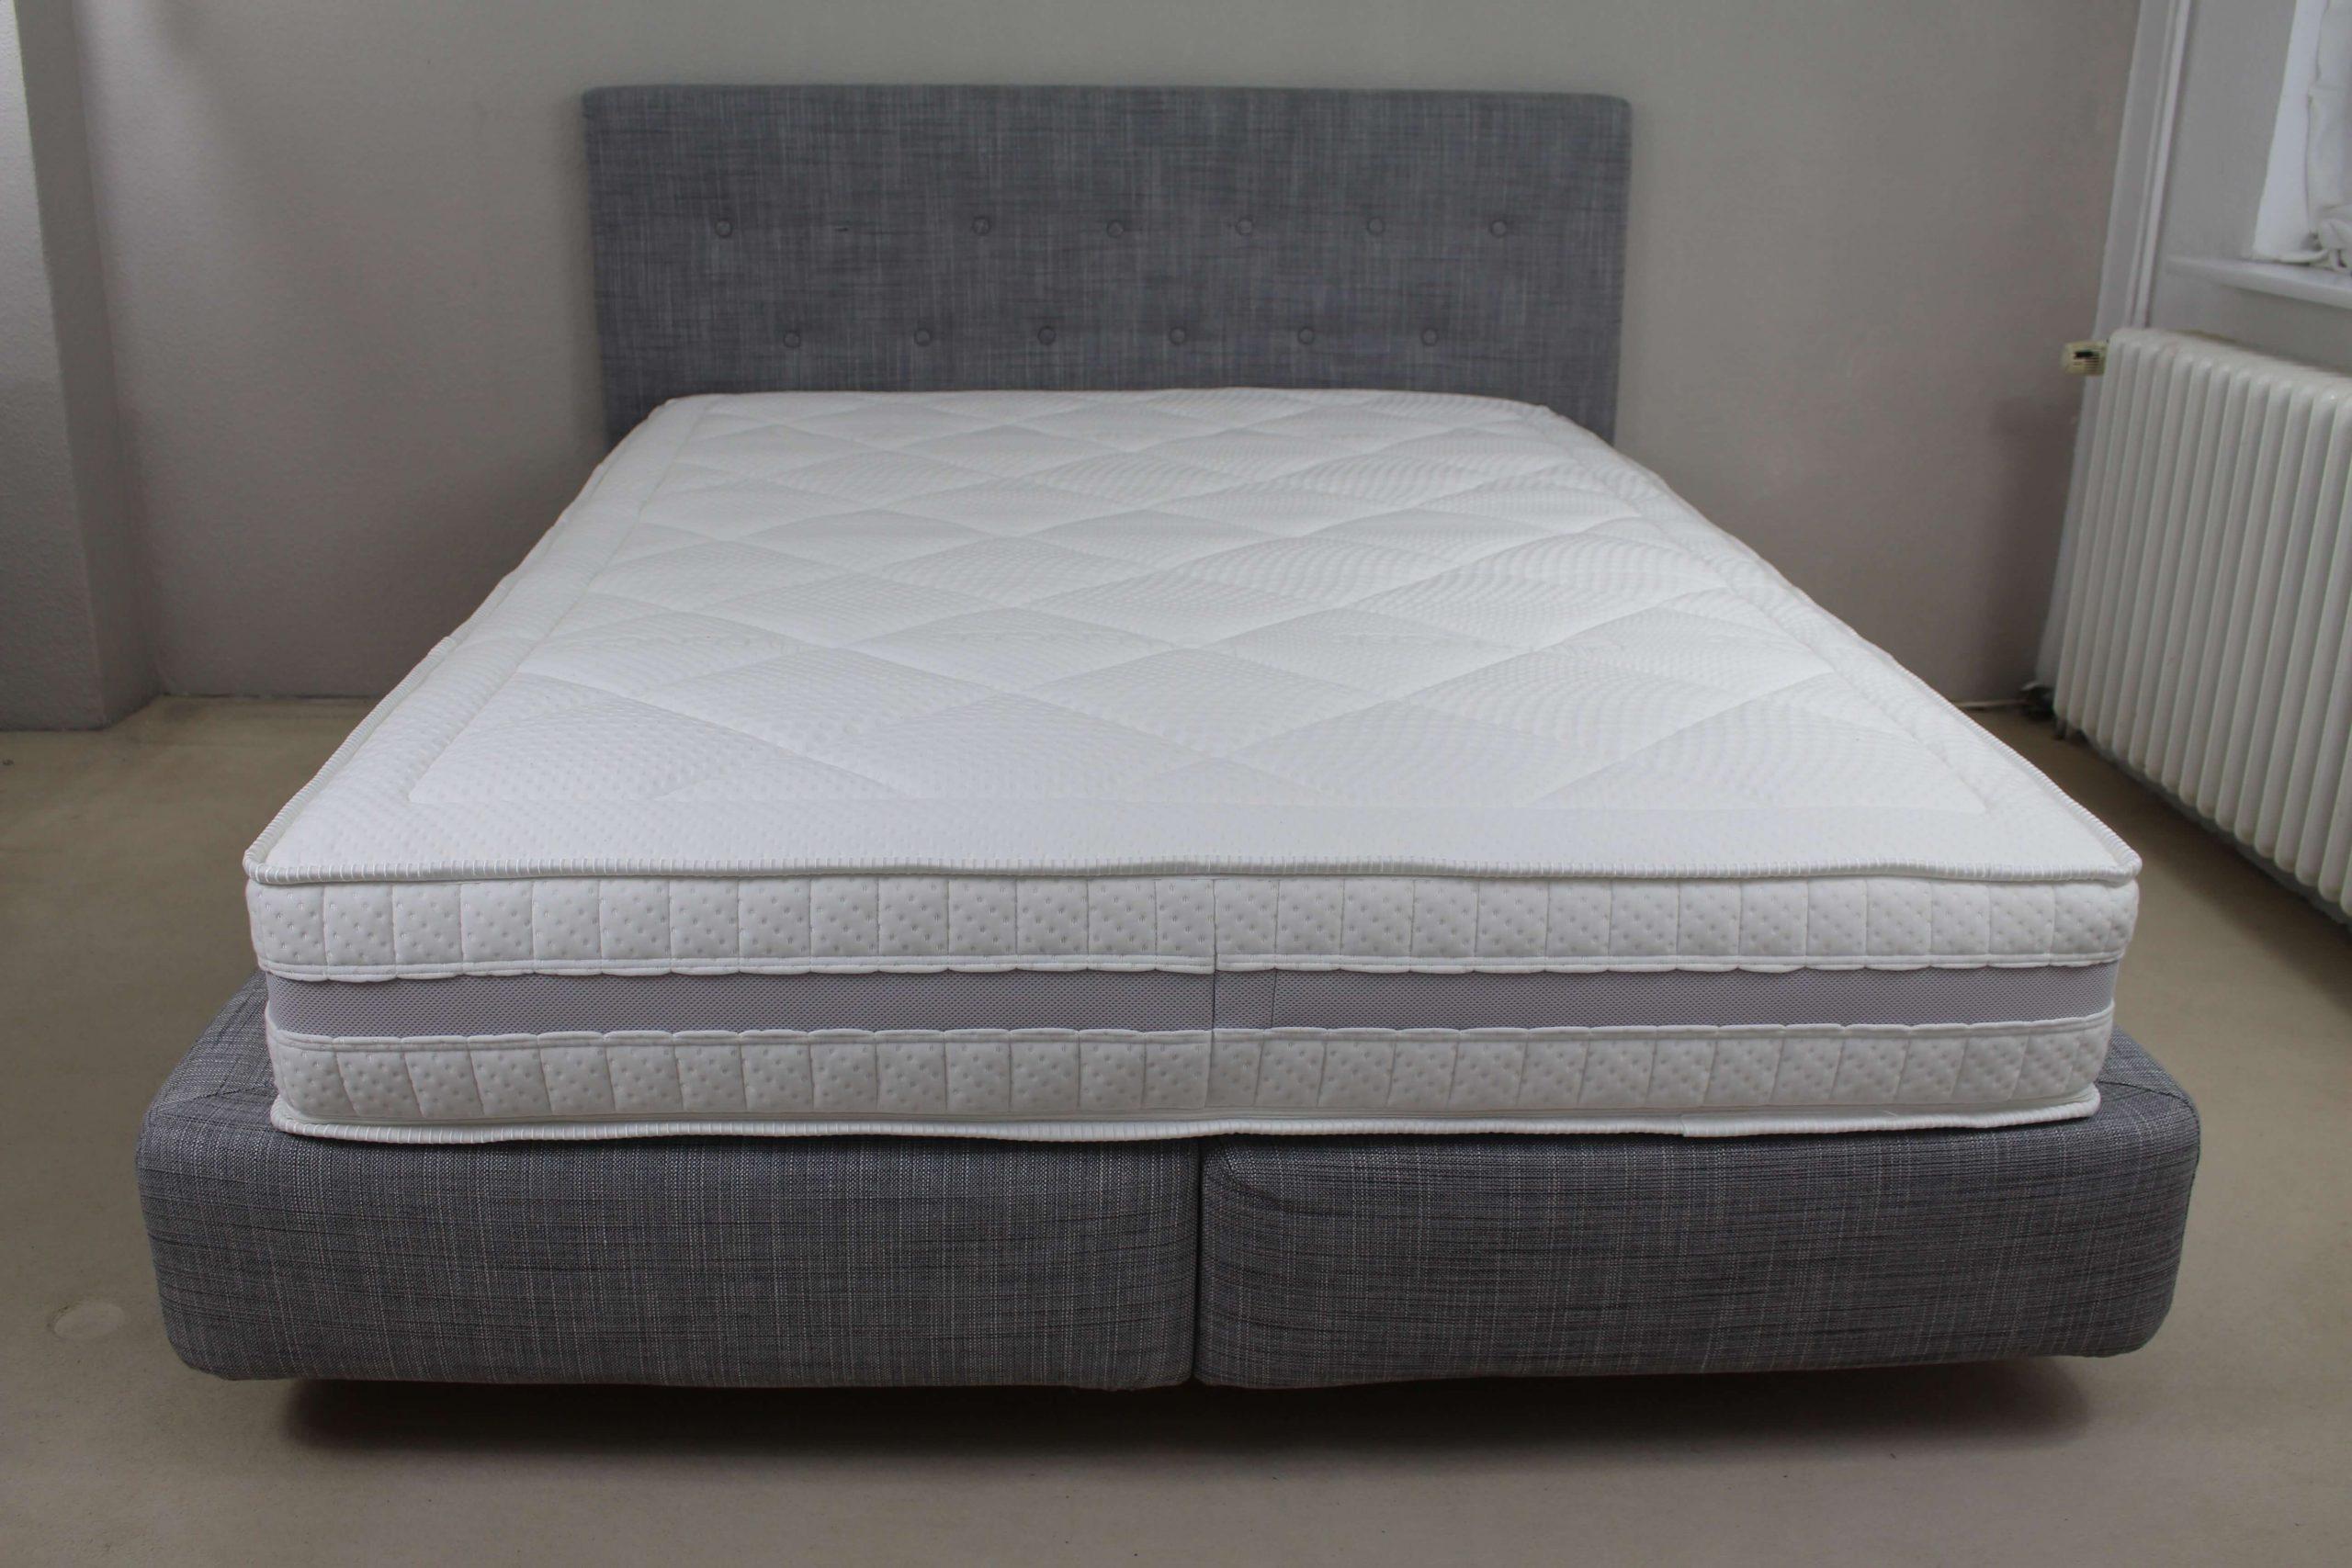 Full Size of Betten Ikea 160x200 Matratze Hvg Unser Erfahrungsbericht 2020 Schlafzimmer Kinder Bett Mit Bettkasten Ottoversand Weiße Gebrauchte Trends Günstig Kaufen Bett Betten Ikea 160x200